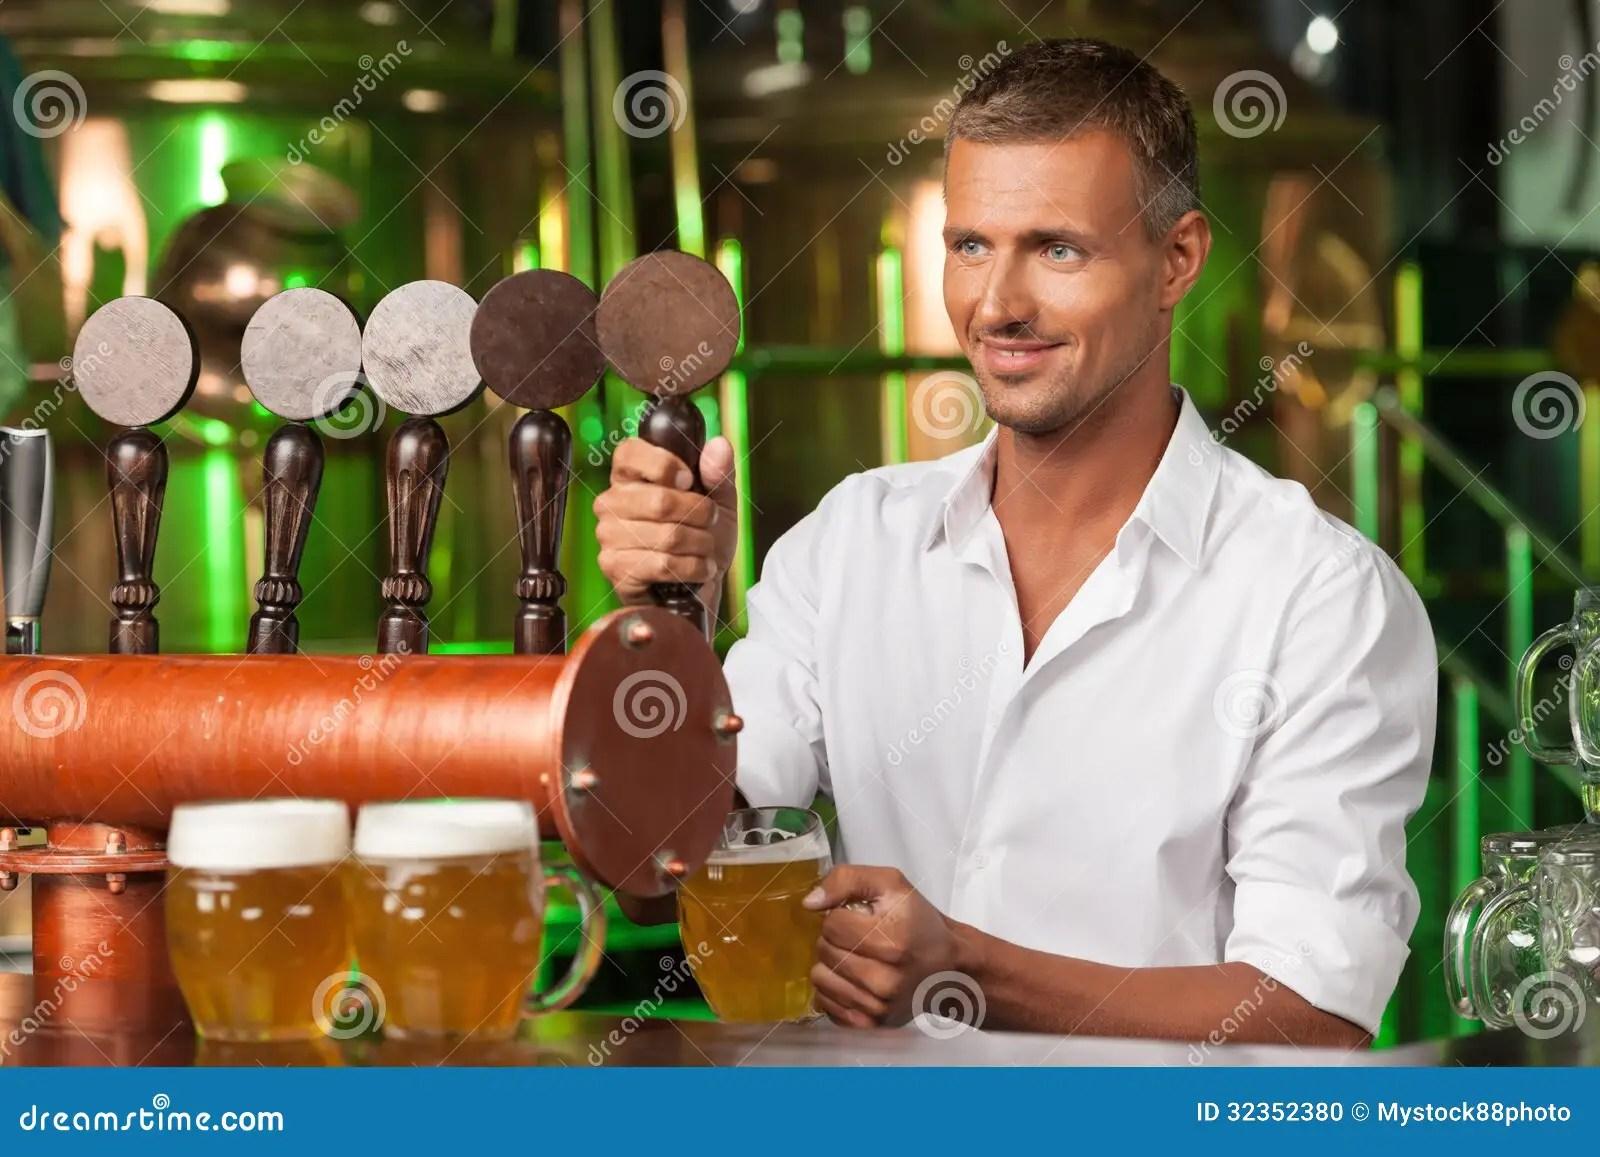 Bartender Serving Beer Handsome Bartender In White Shirt Servin Stock Photo  Image 32352380